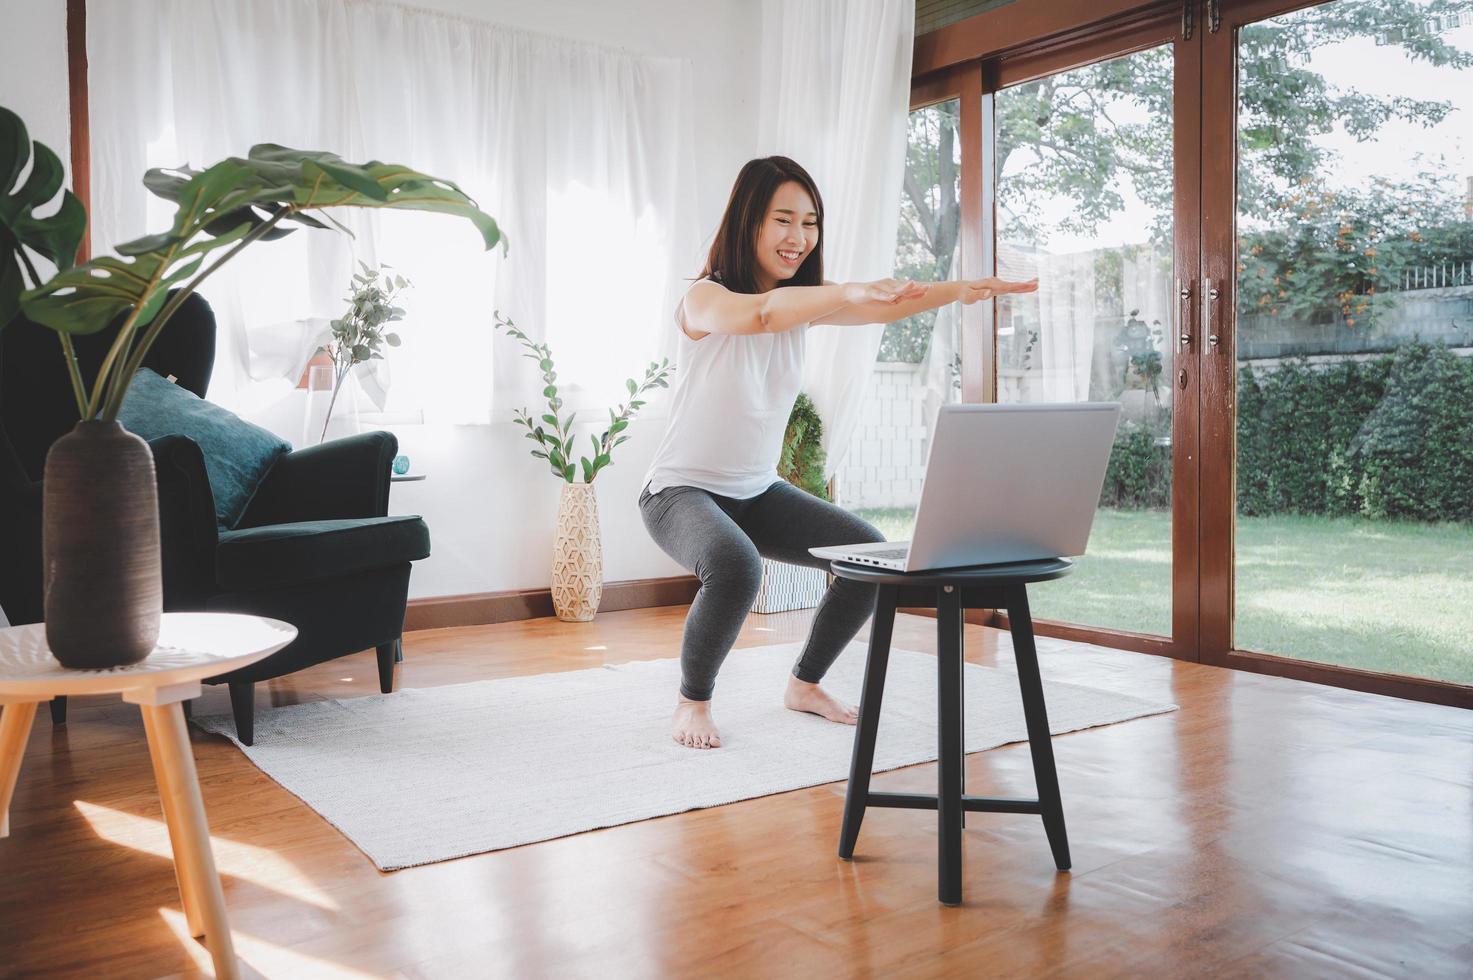 kvinna som lär sig online-träningskurser hemma från bärbar dator foto